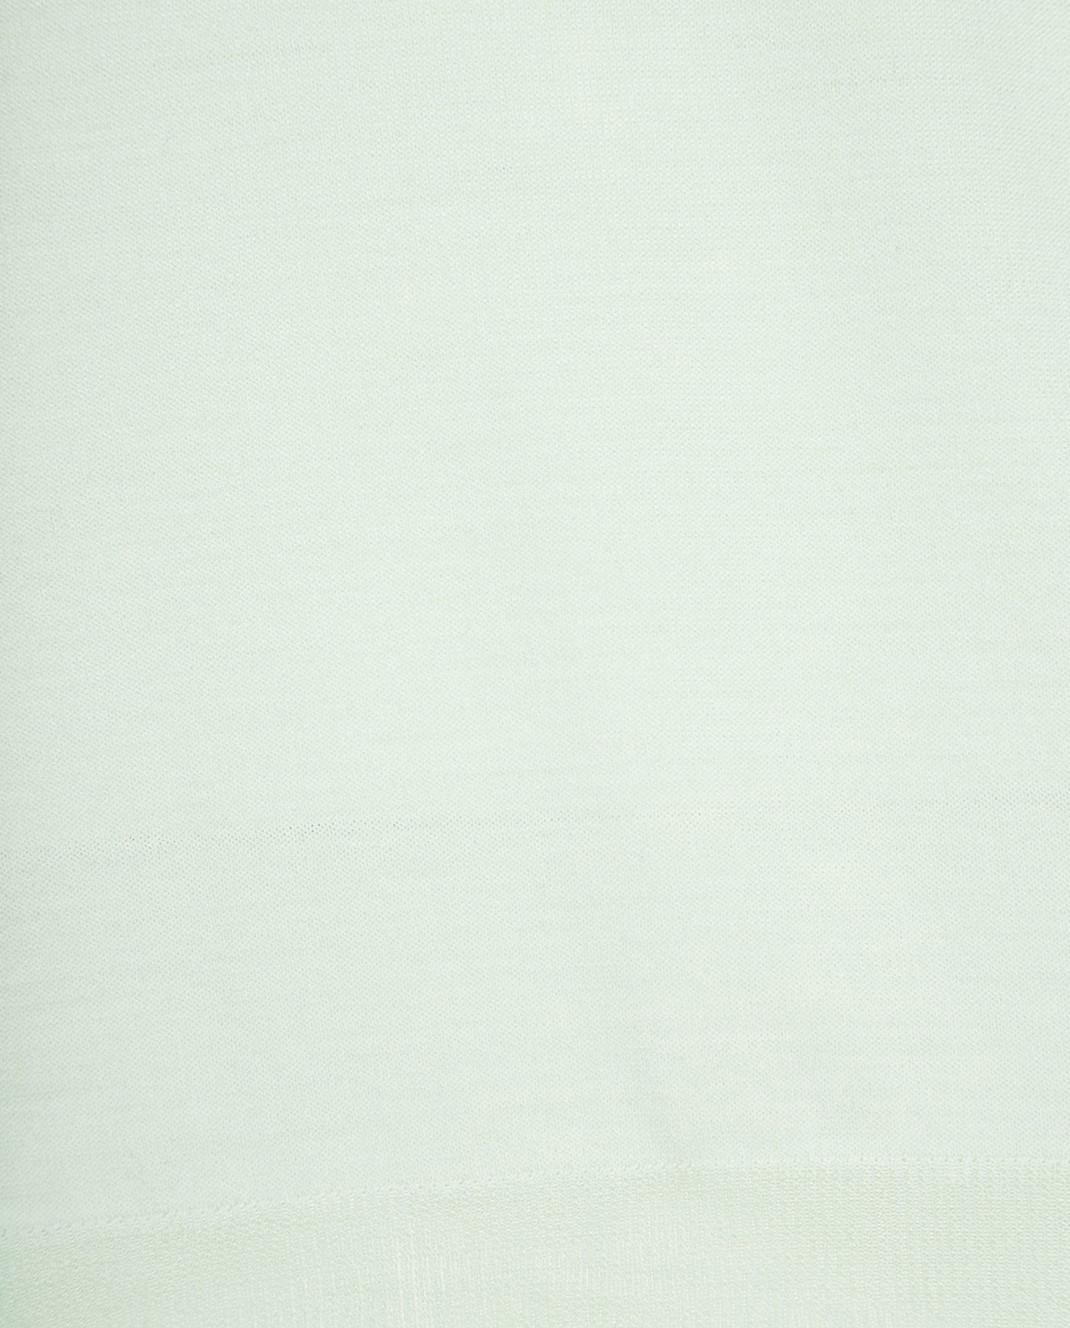 Prada Светло-зеленый джемпер из шерсти изображение 3